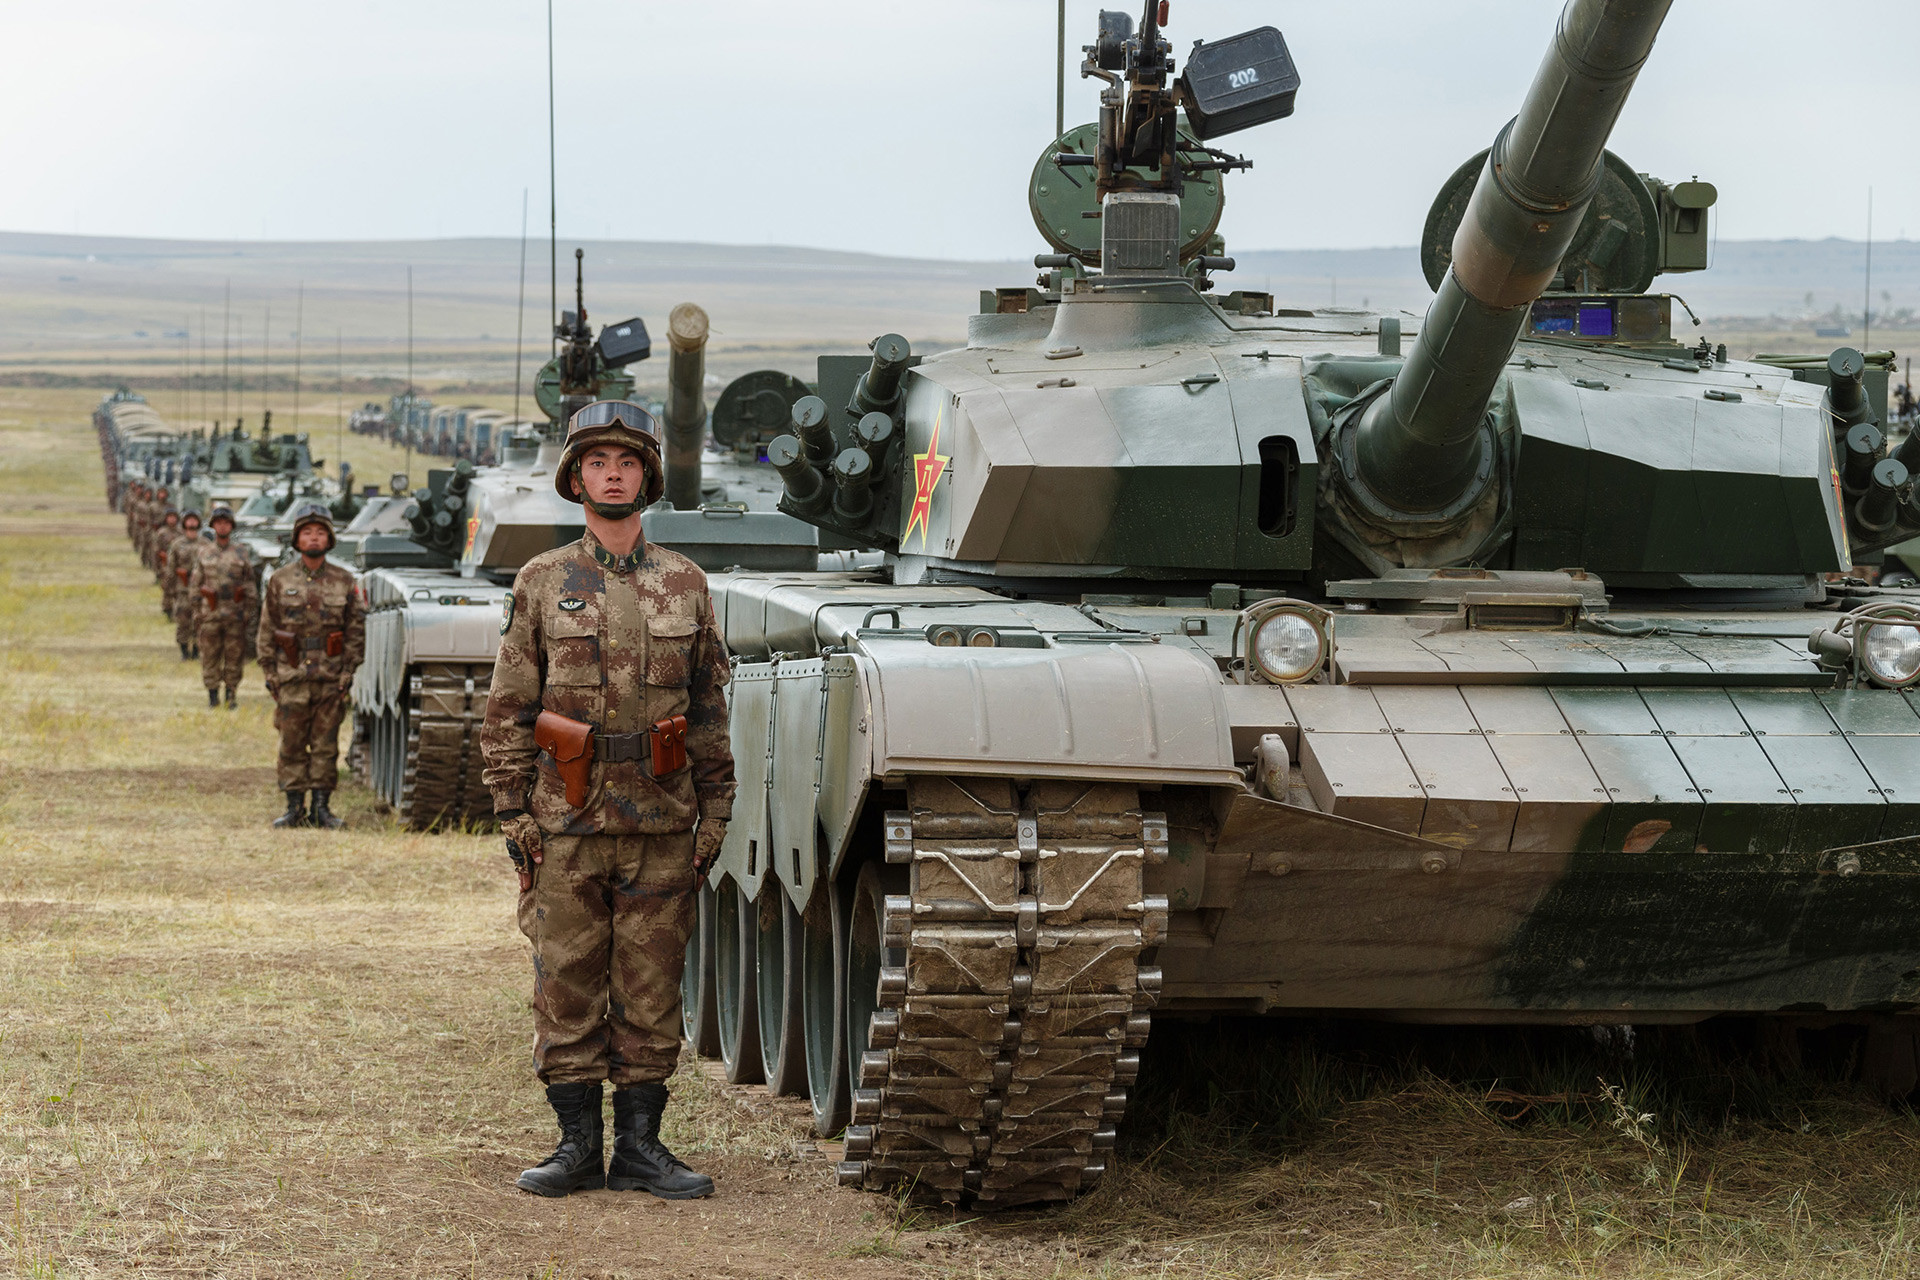 Présent lors des manœuvres militaires sur le polygone de Tsougol, en Transbaïkalie (Sibérie orientale), le char de combat Type 96 (ou ZTZ-96A) évolue au sein de l'Armée populaire de libération chinoise.